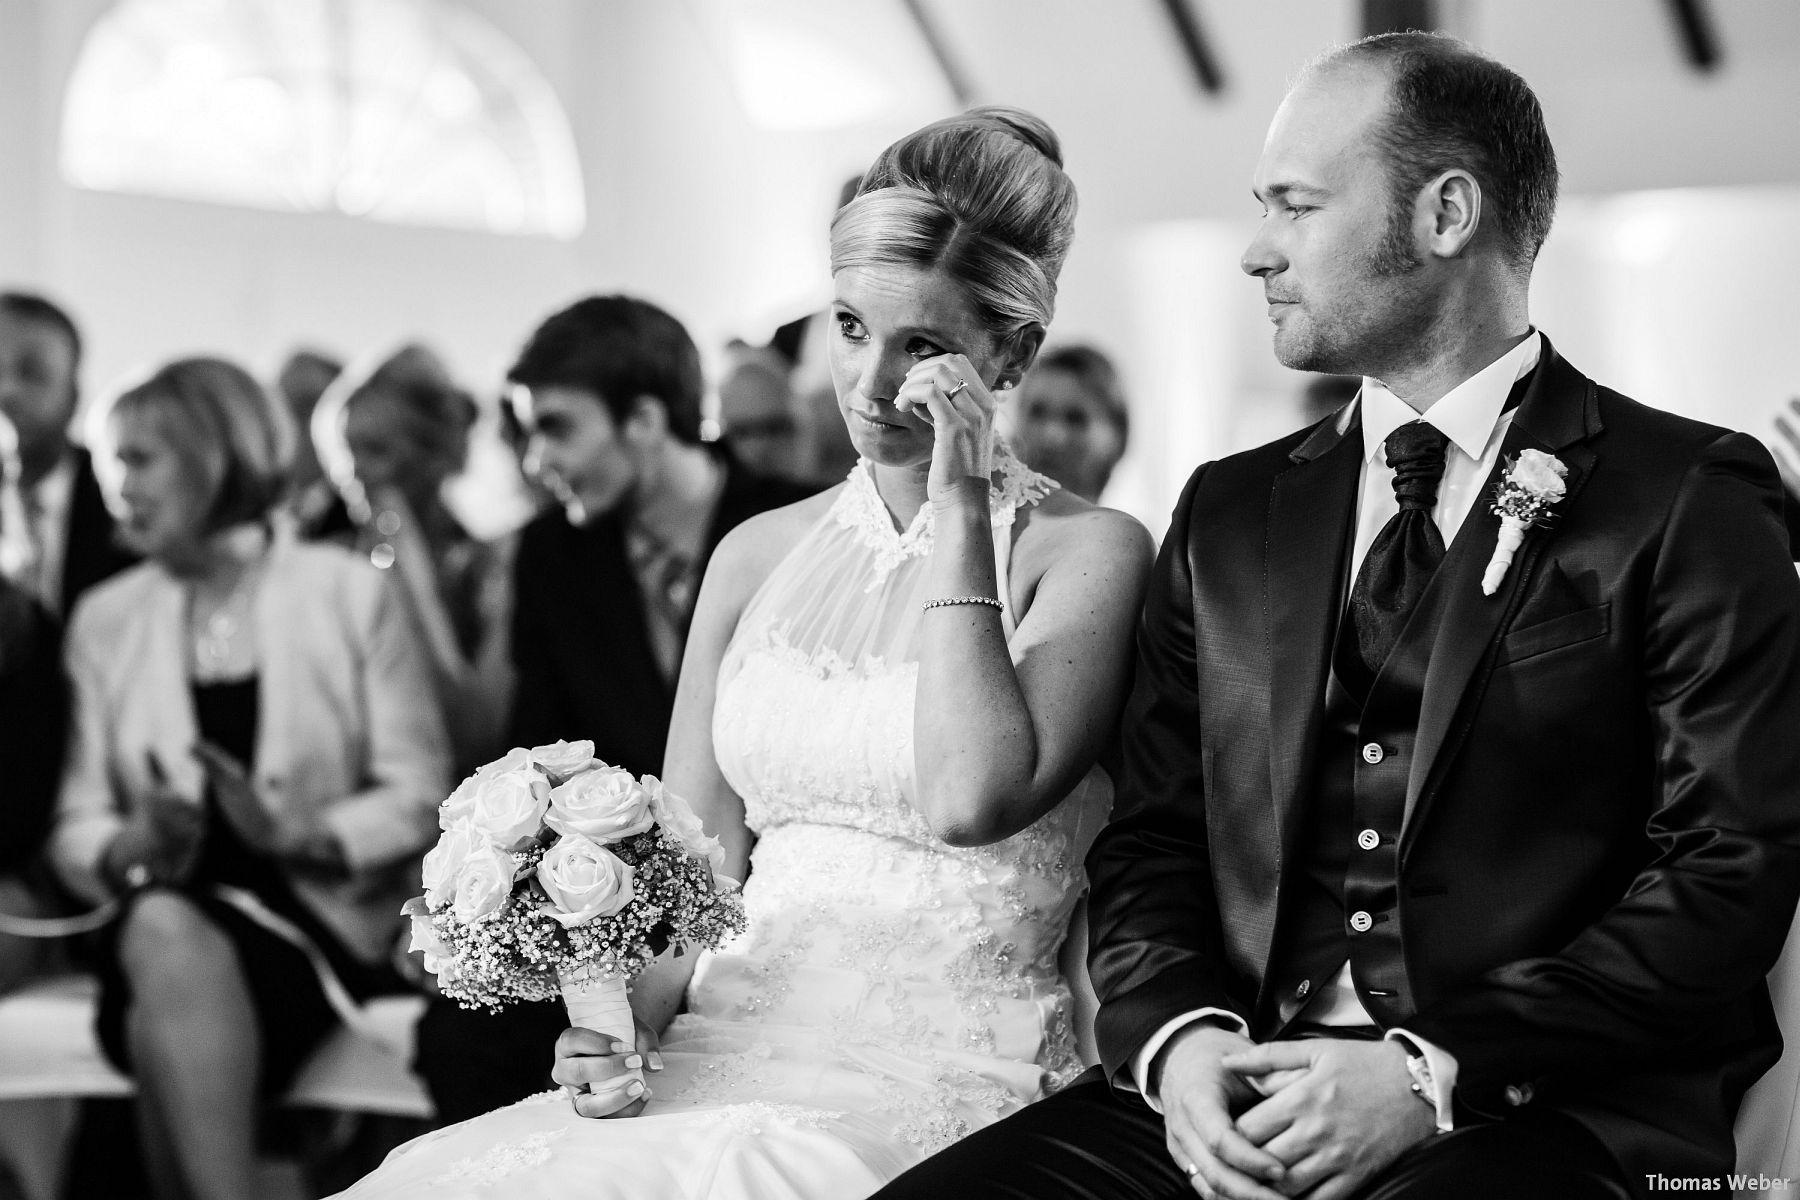 Hochzeitsfotograf Thomas Weber aus Oldenburg (32)